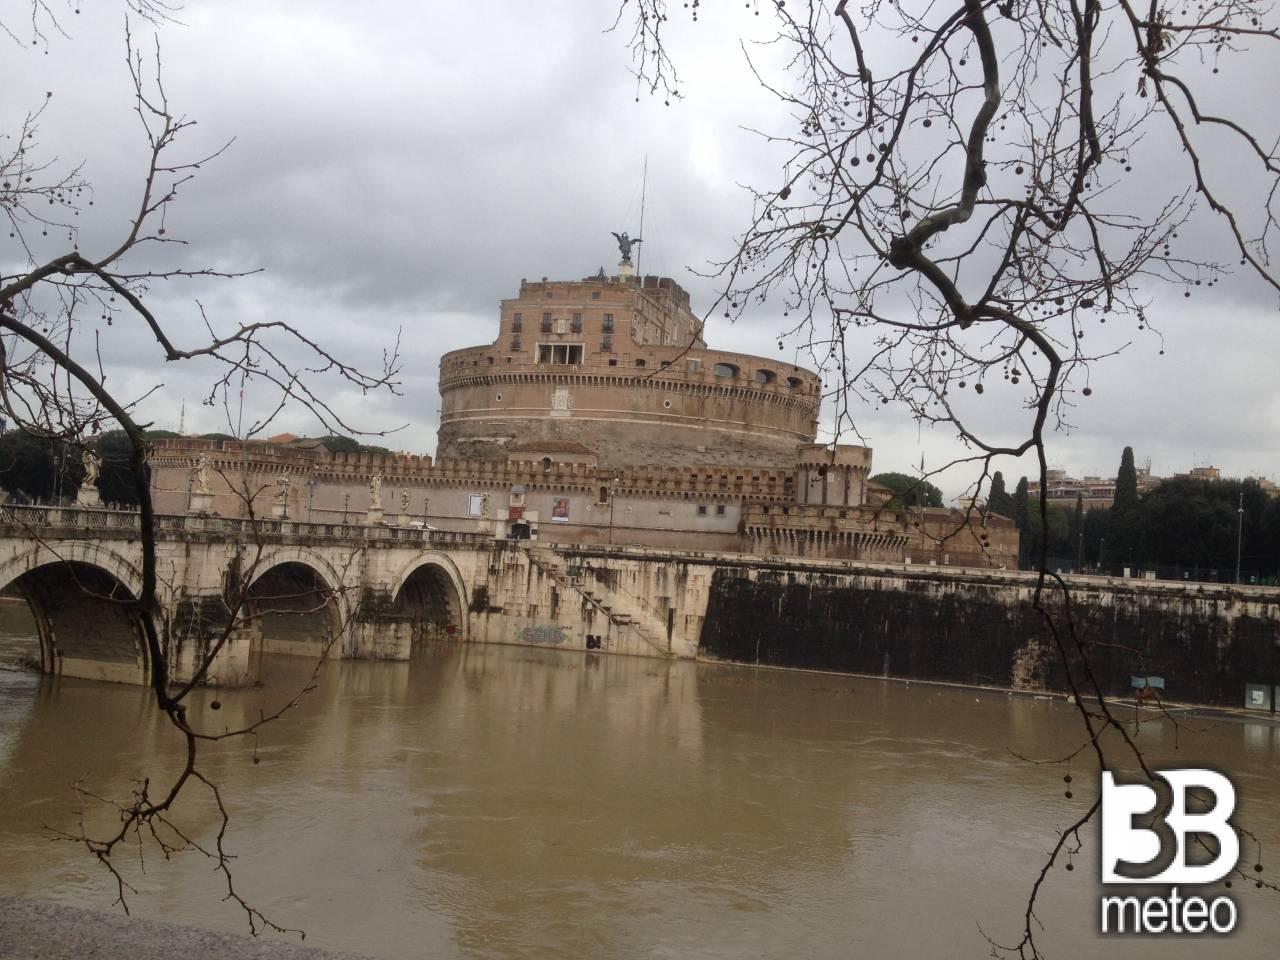 Meteo Roma: temporali venerdì, qualche possibile rovescio nel ...